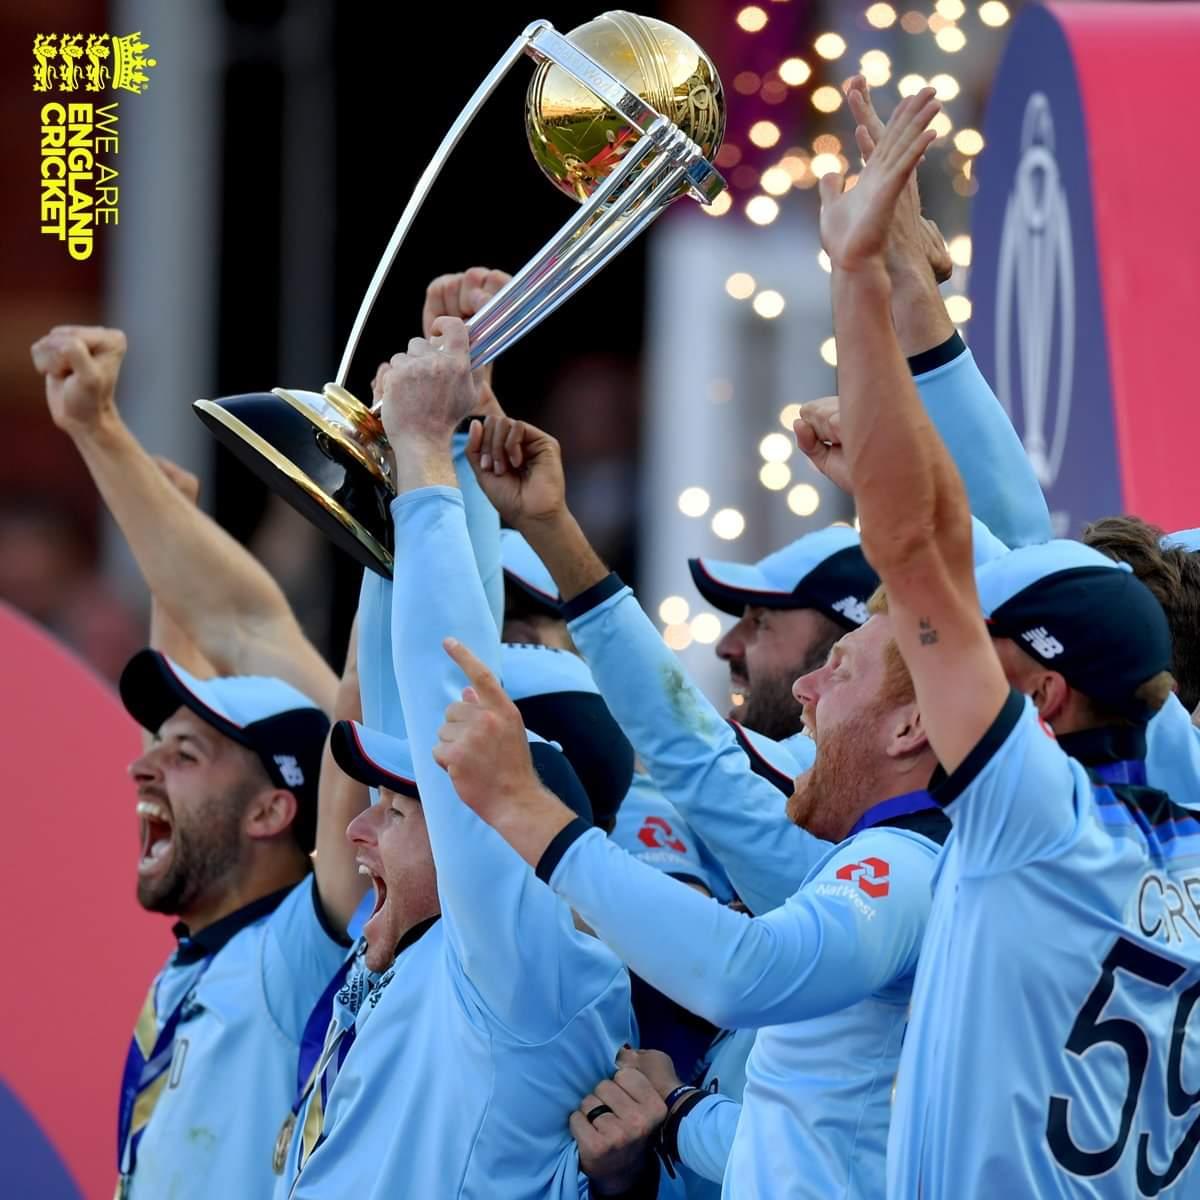 নাটকীয় ফাইনালে বিশ্বসেরা ইংল্যান্ড title=